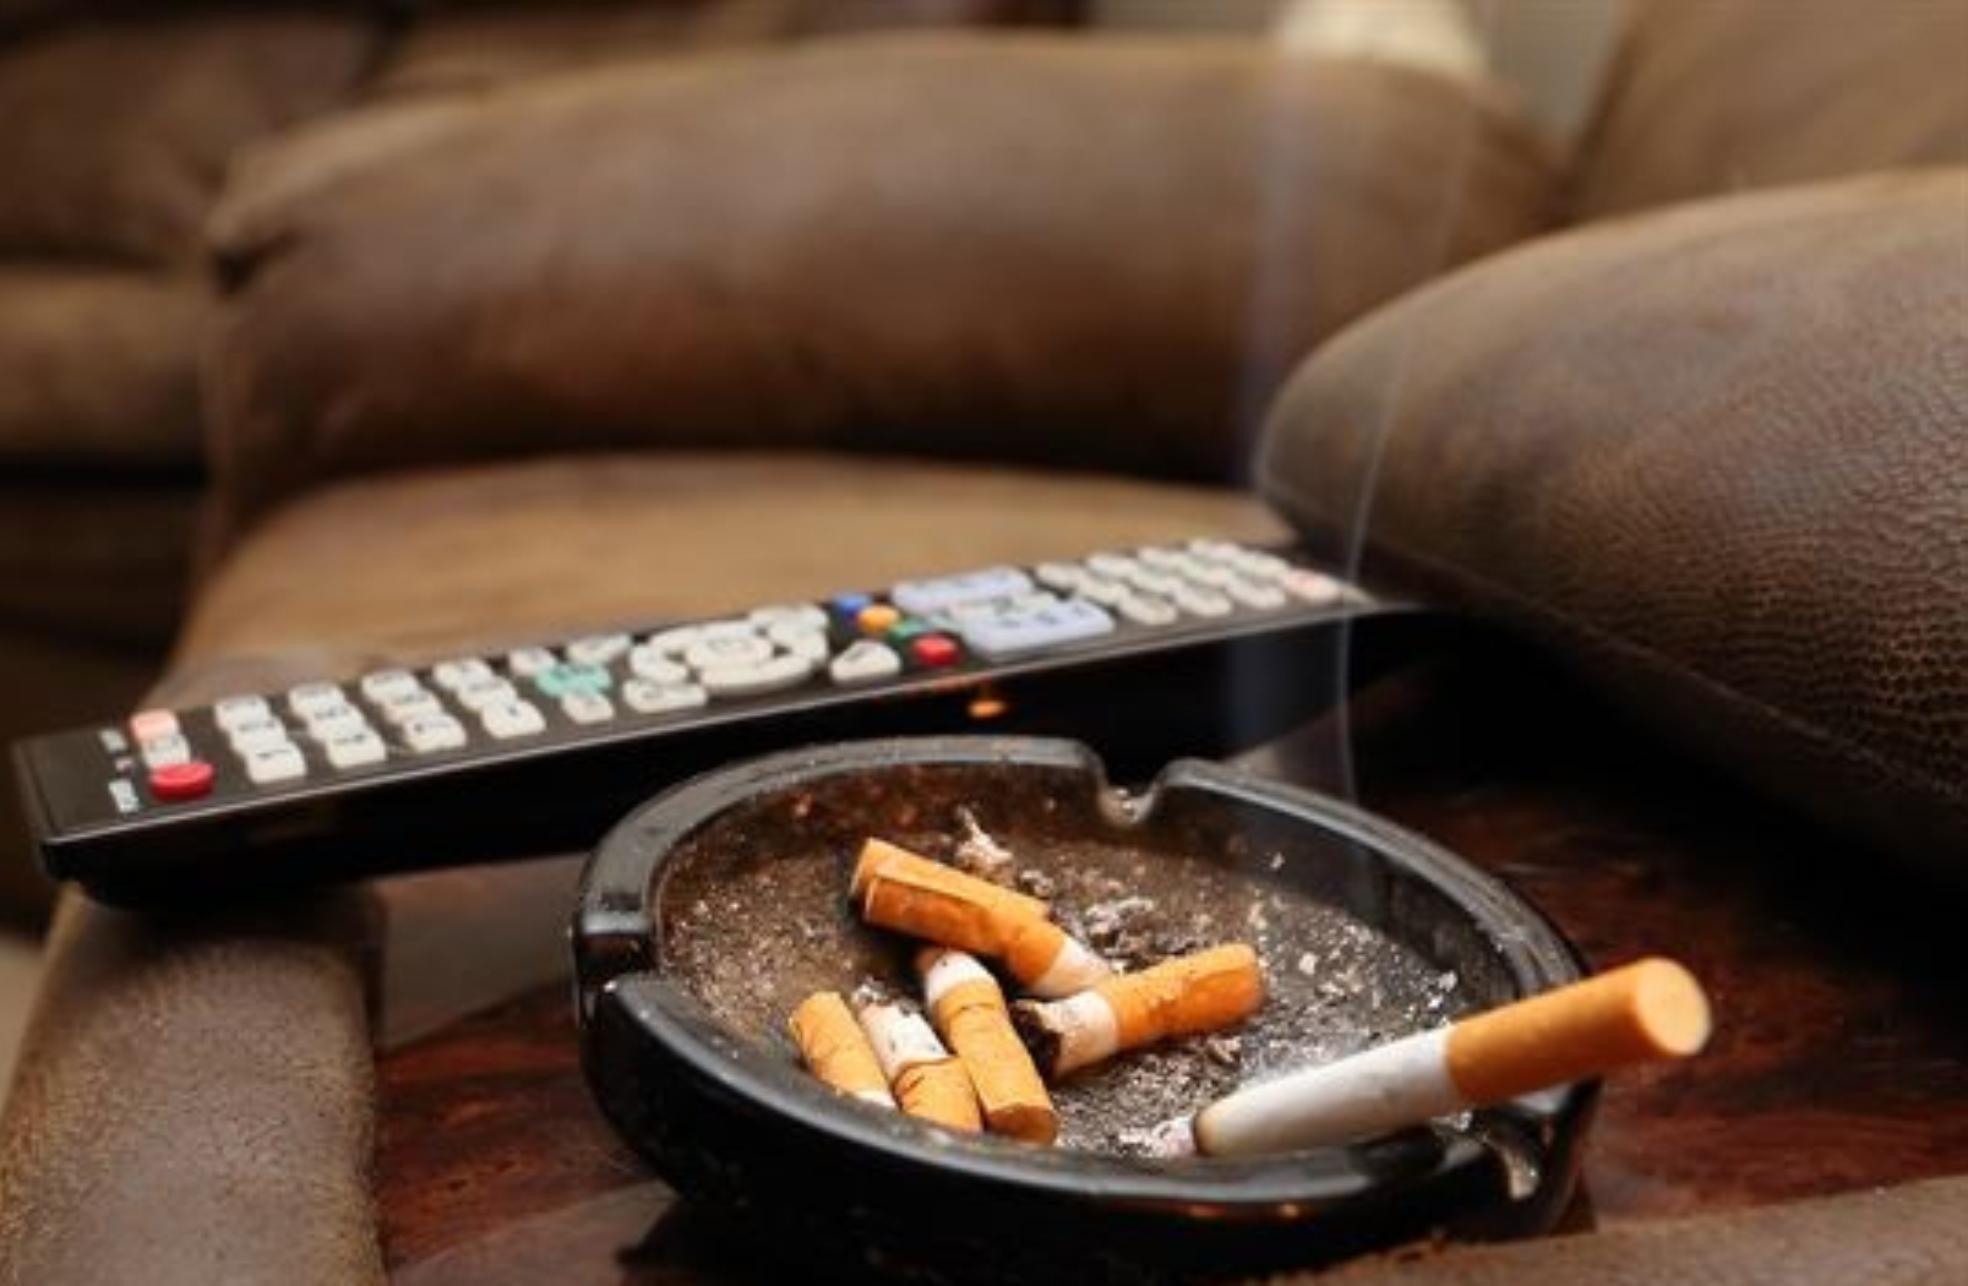 szagtalanitas_cigarettaszag_dohányszag